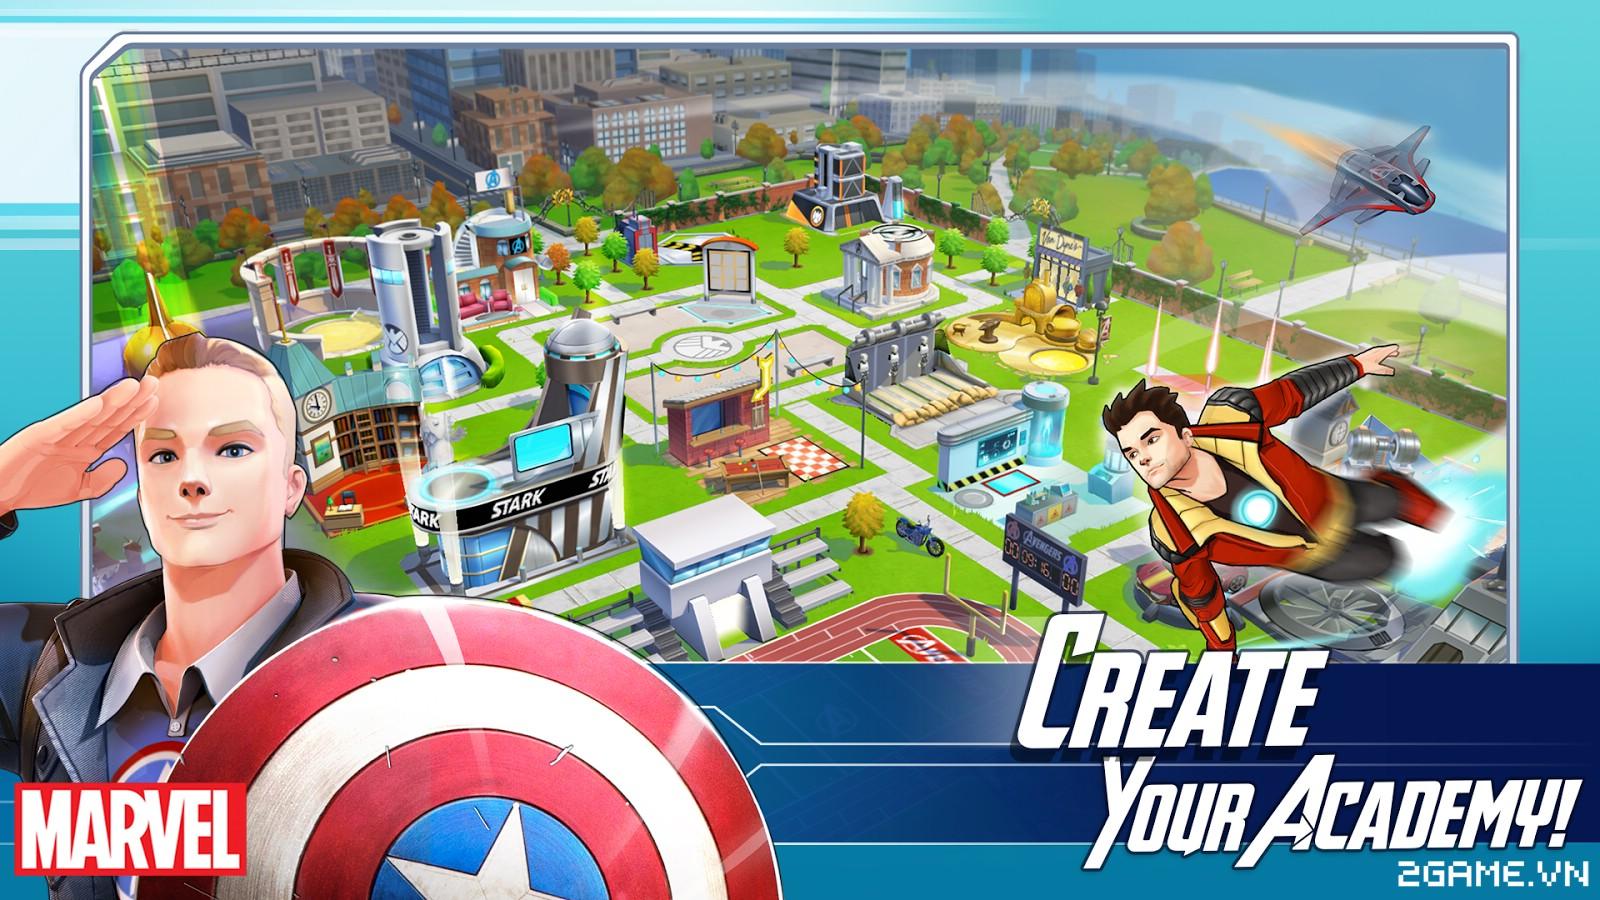 Marvel Avengers Academy - Tiếp xúc với thế giới Marvel hàng ngày hàng giờ 0